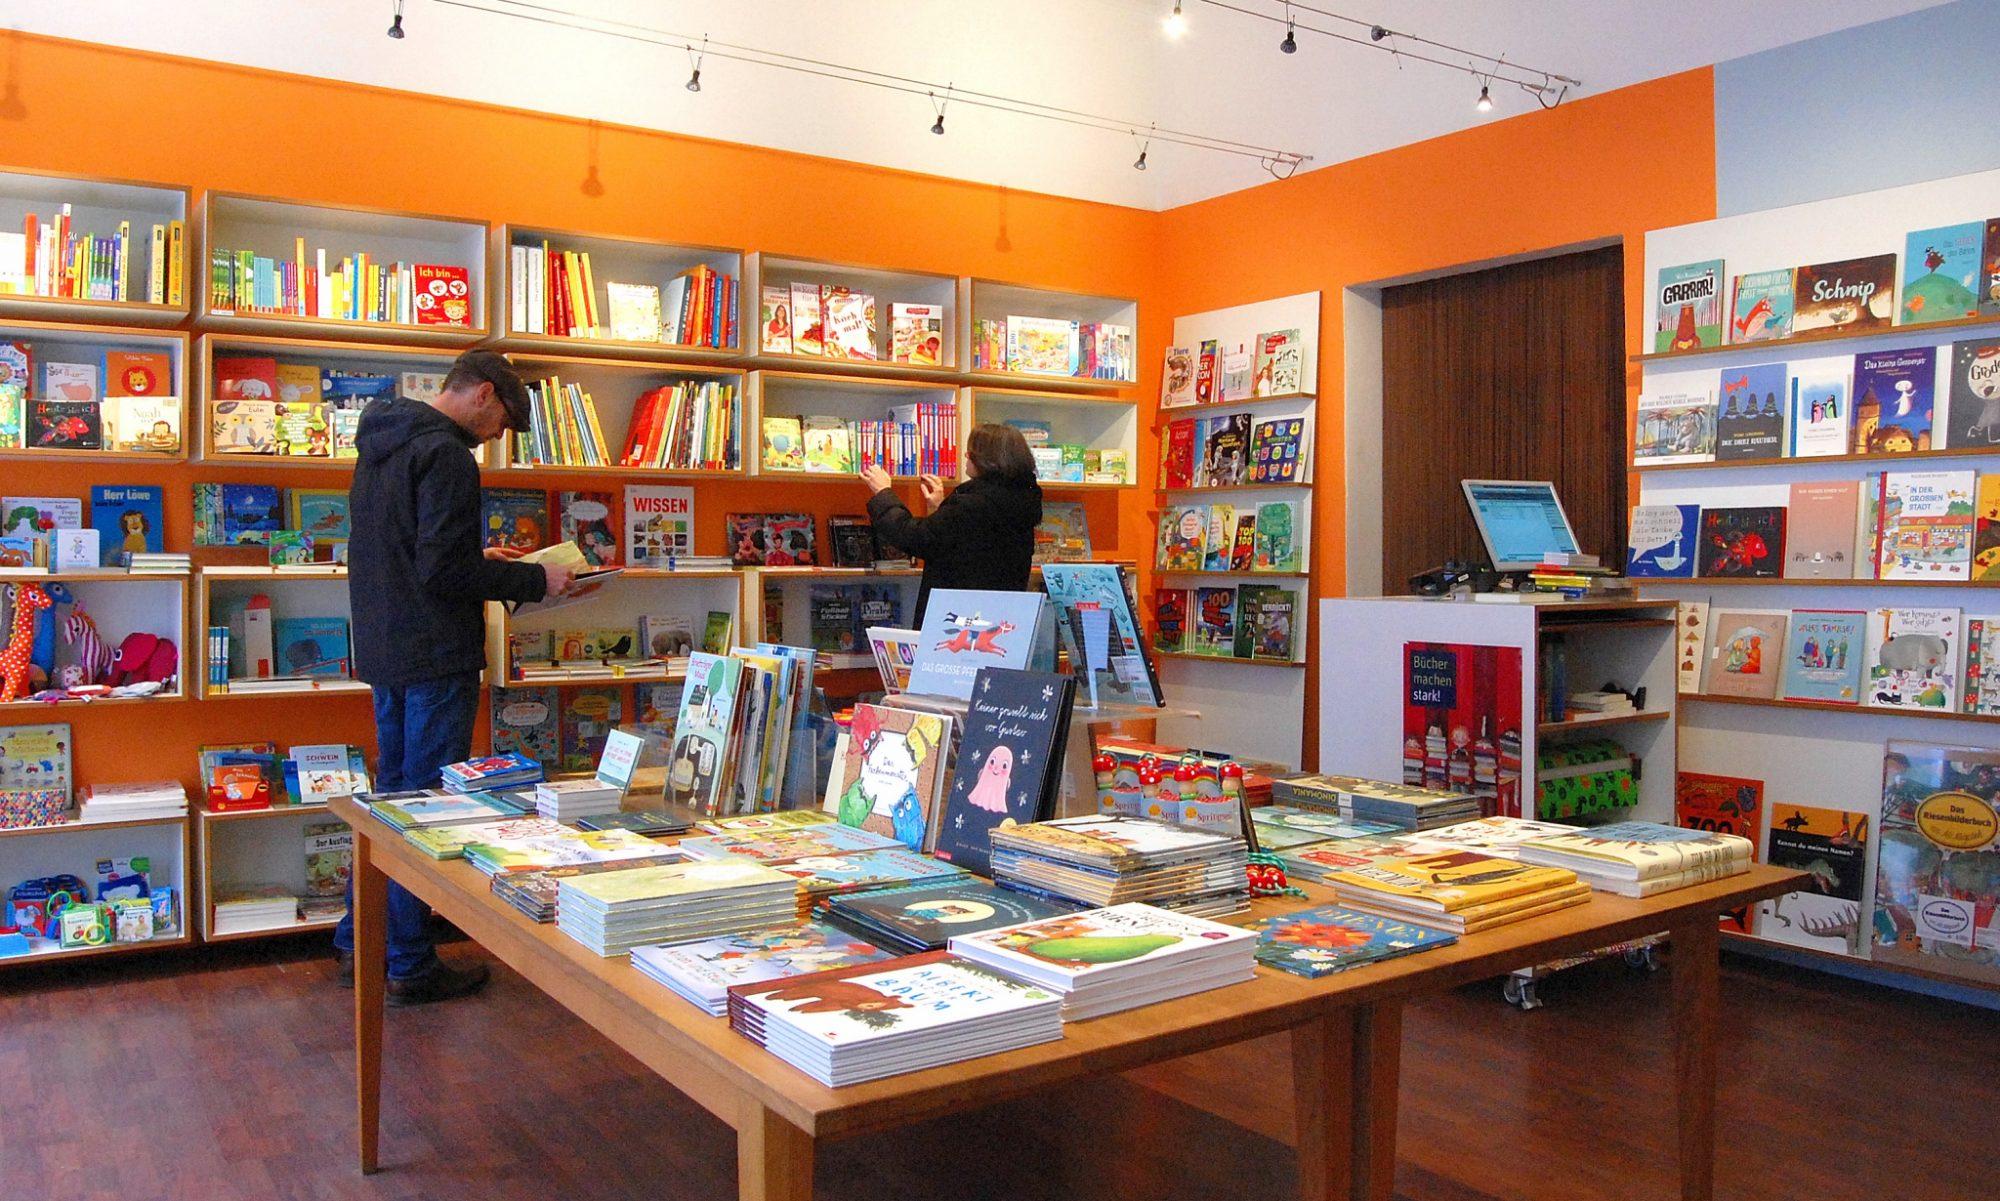 LeseLotte Kinderbuchladen